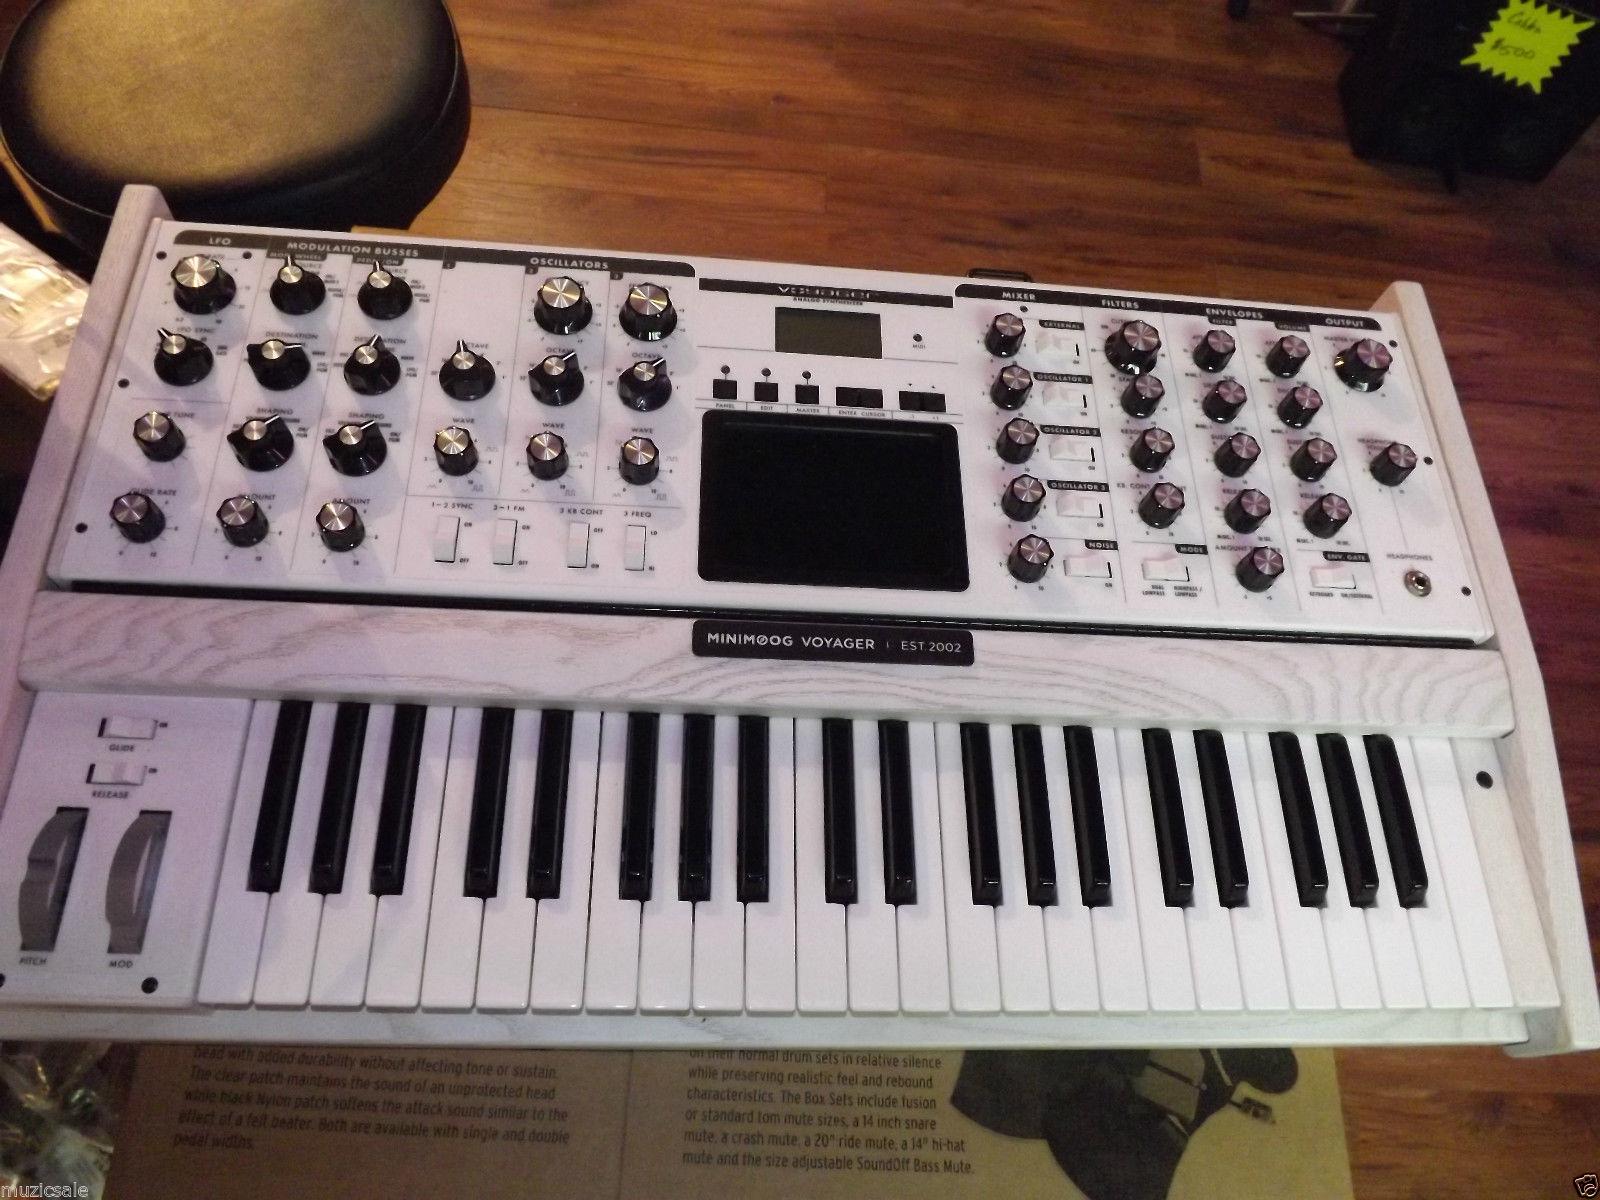 MATRIXSYNTH: Moog Minimoog Voyager Performer Edition Analog